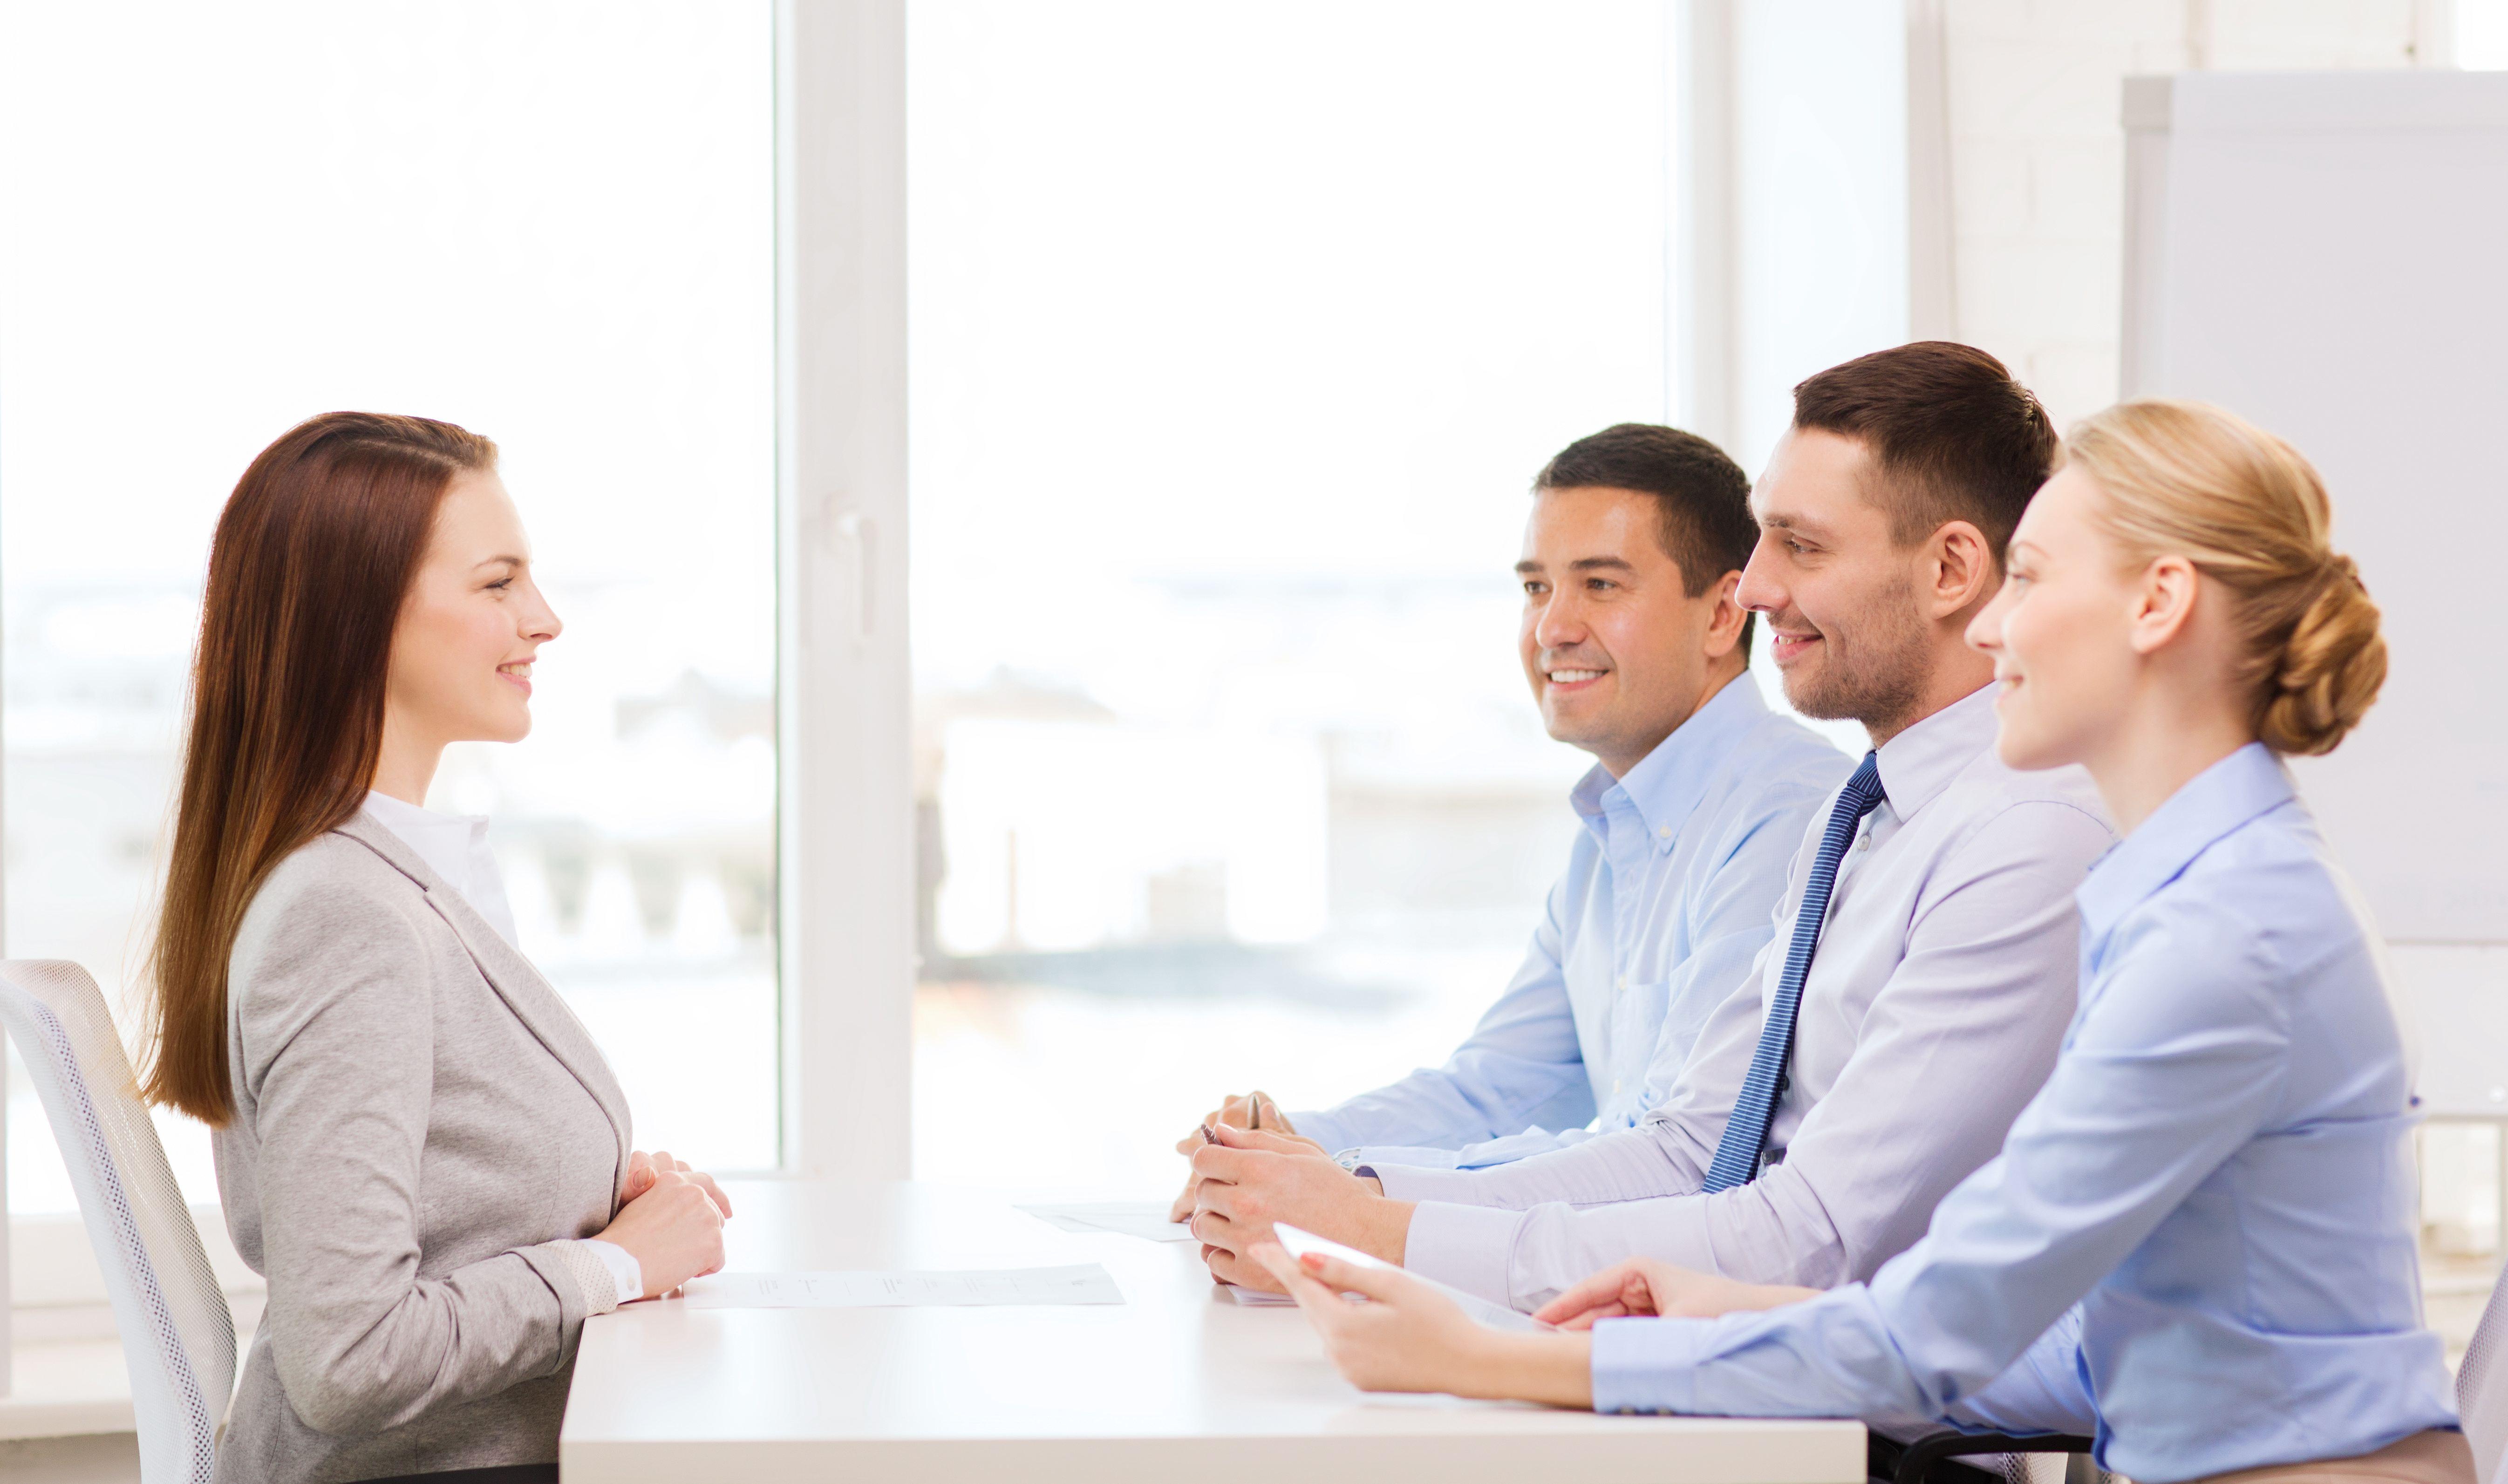 Часто задаваемые вопросы на собеседовании и ответы на них, а также о чем спросить работодателя